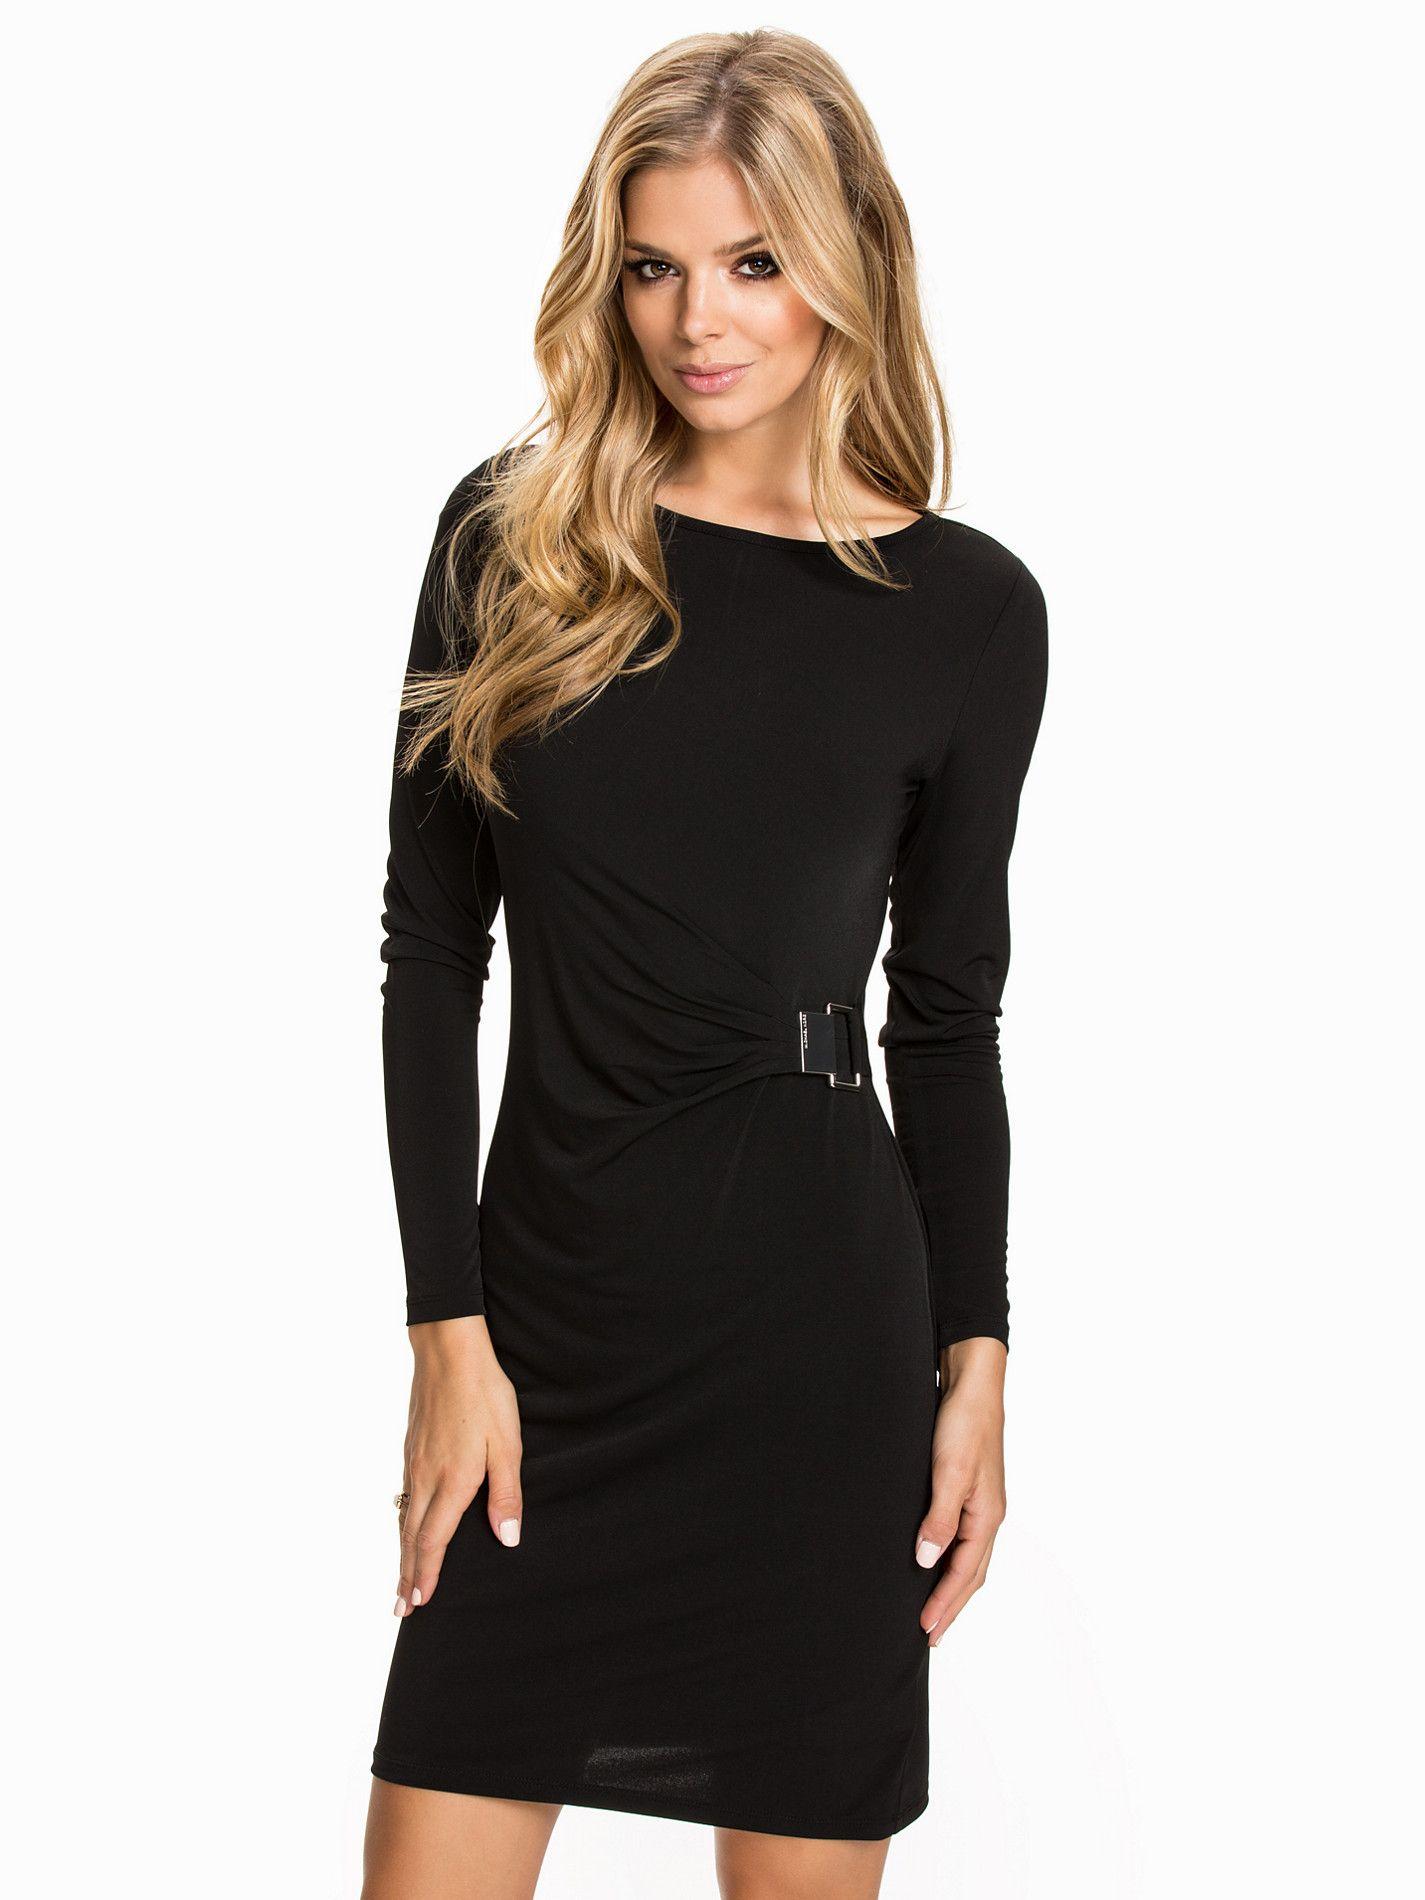 Robe noire femme pas cher